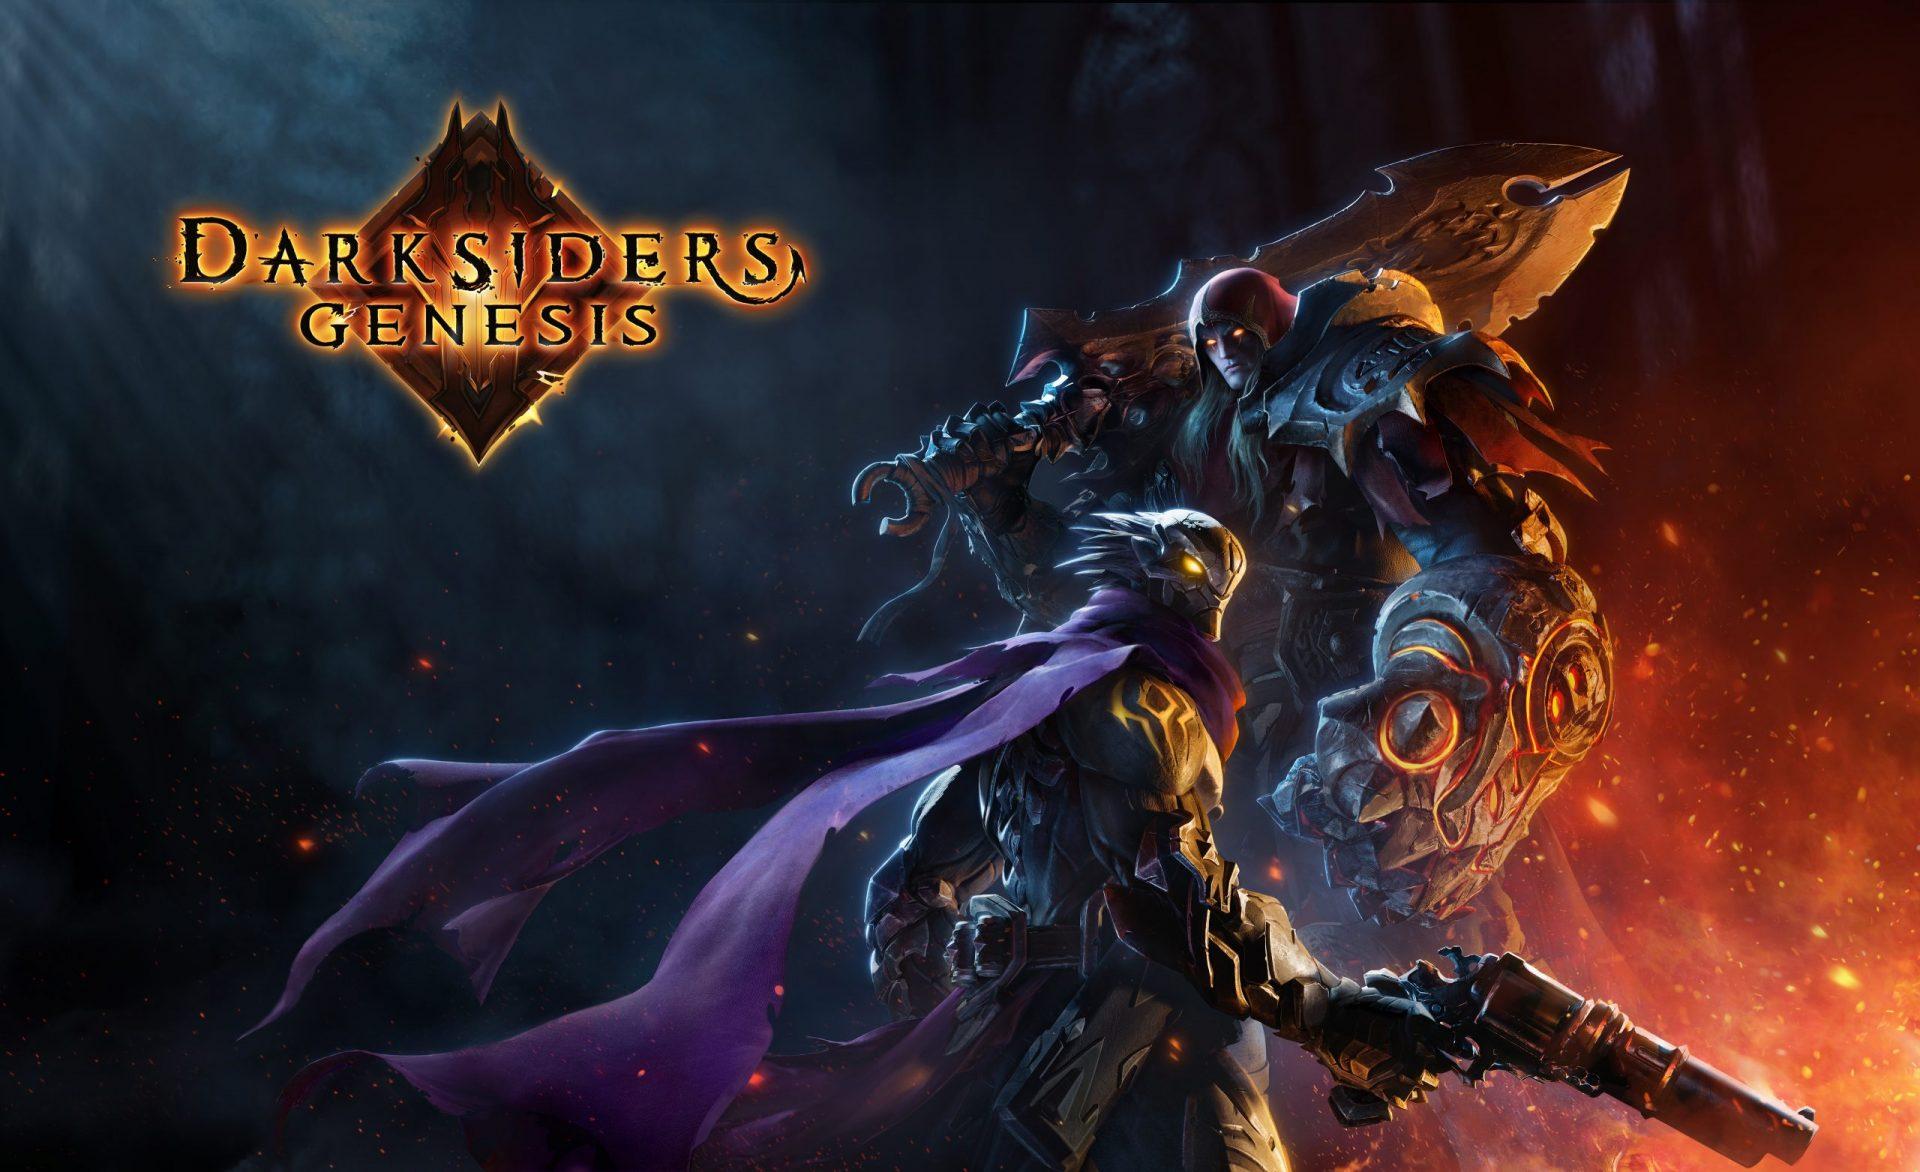 darksiders-genesis-review